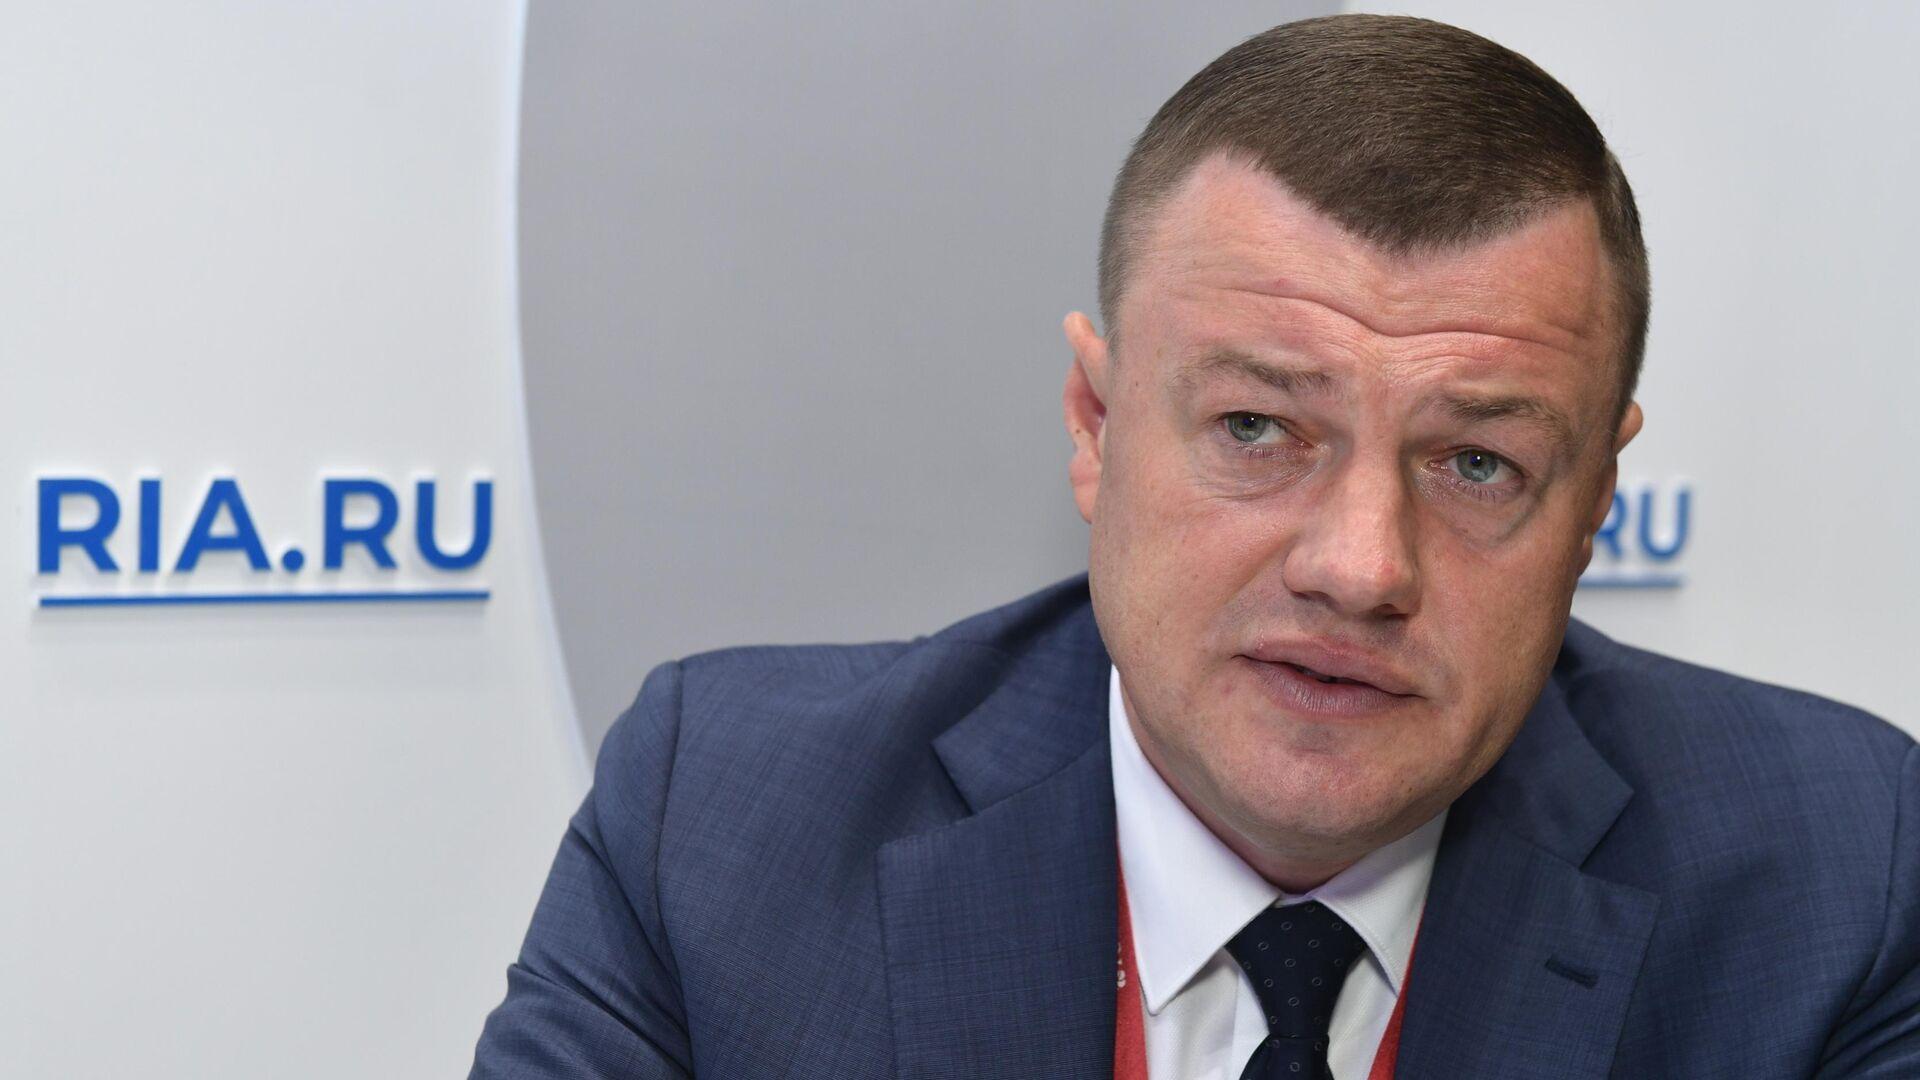 Никитин: опыт и профессионализм Егорова помогут региону добиться успехов